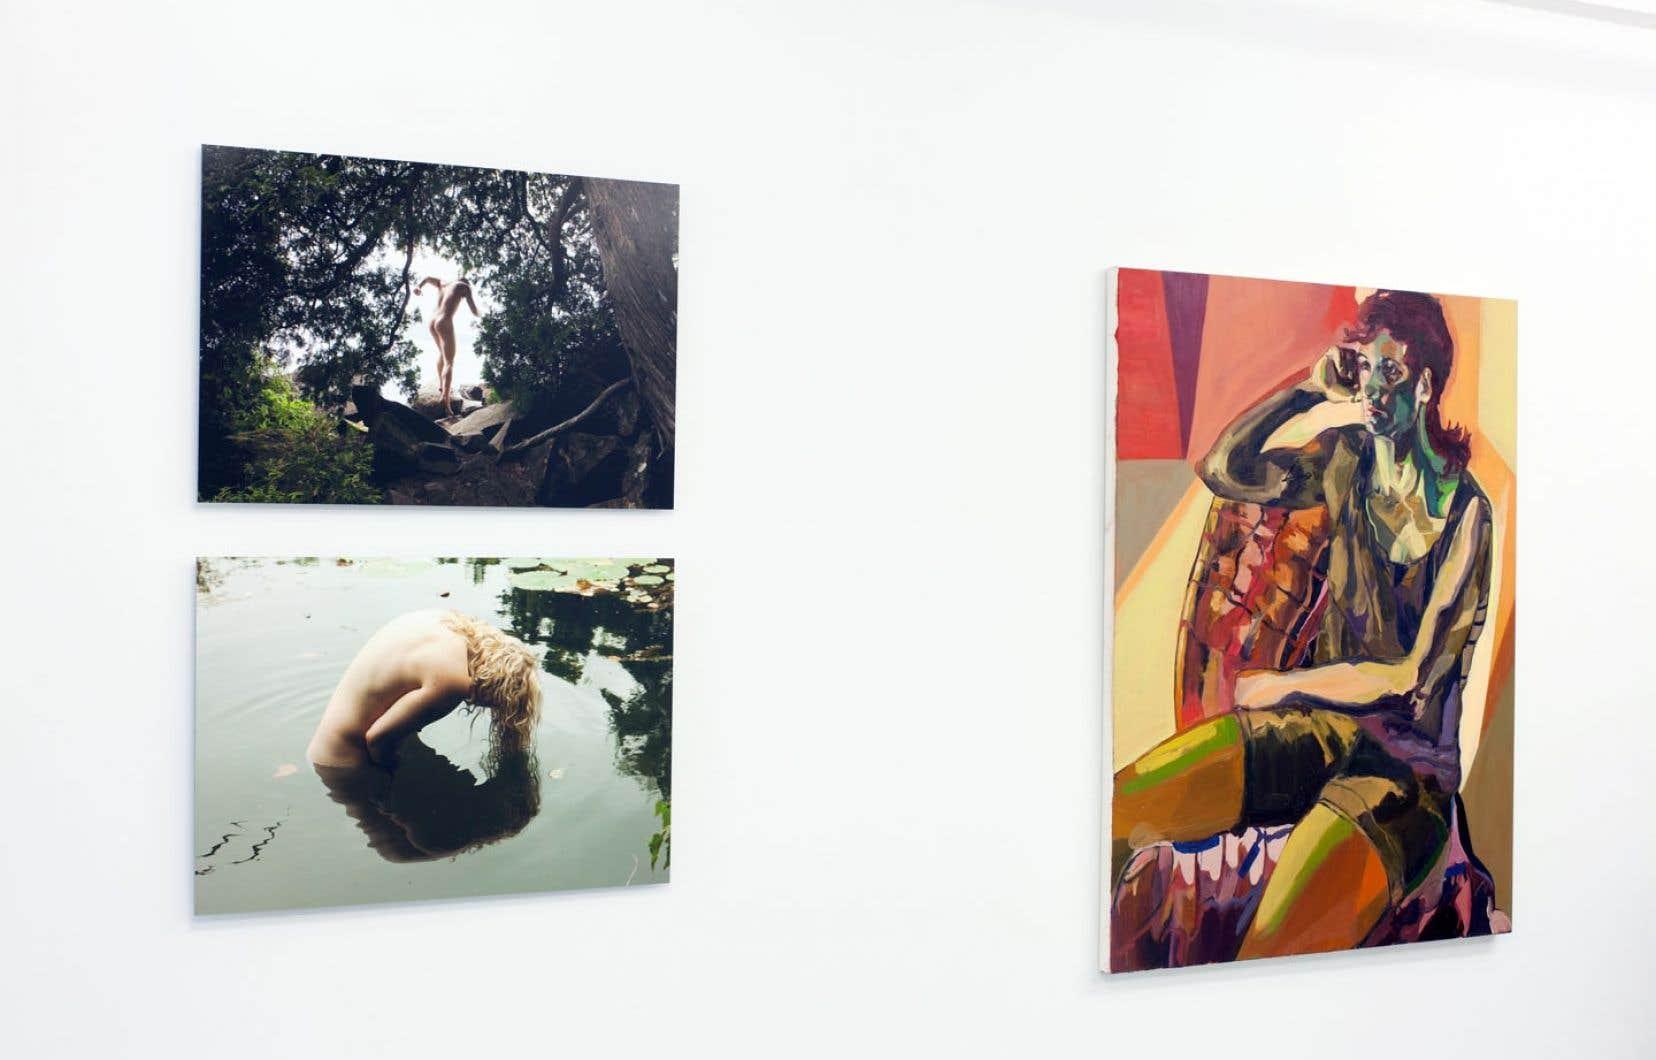 Olivier Gariépy, La fuite d'Orphée et L'Écho de Narcisse de la série Les Âmes Nomades ainsi que Jenna Meyers, Frankie, 2014, huile sur toile.